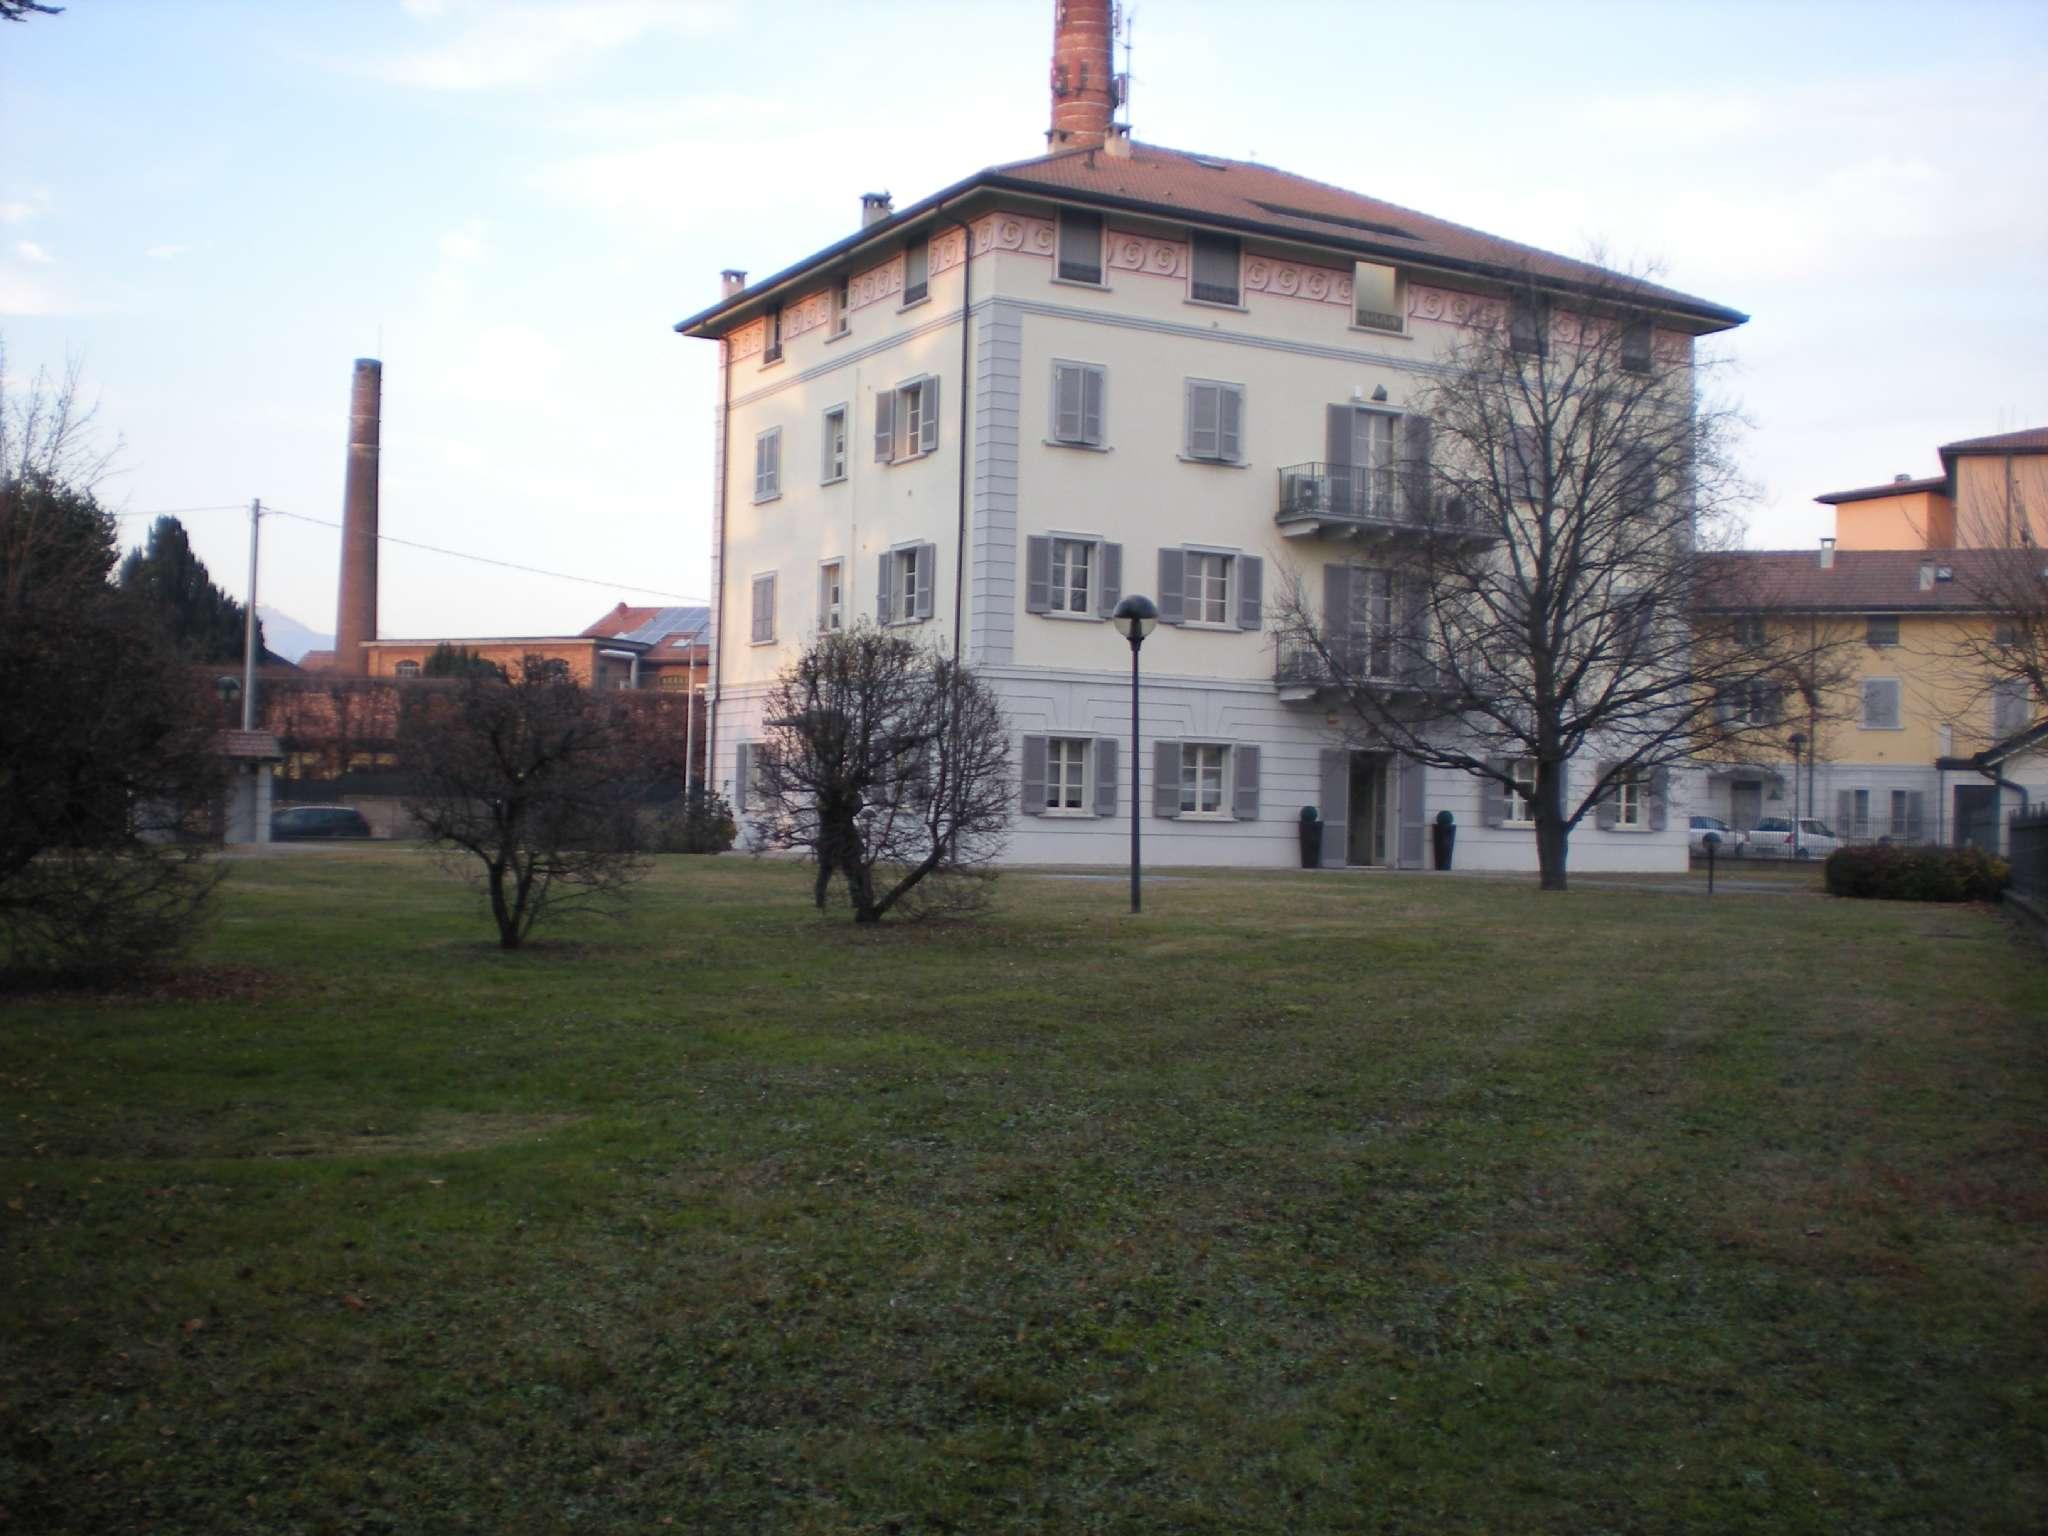 Appartamento in vendita a Cernusco Lombardone, 4 locali, prezzo € 216.000 | CambioCasa.it